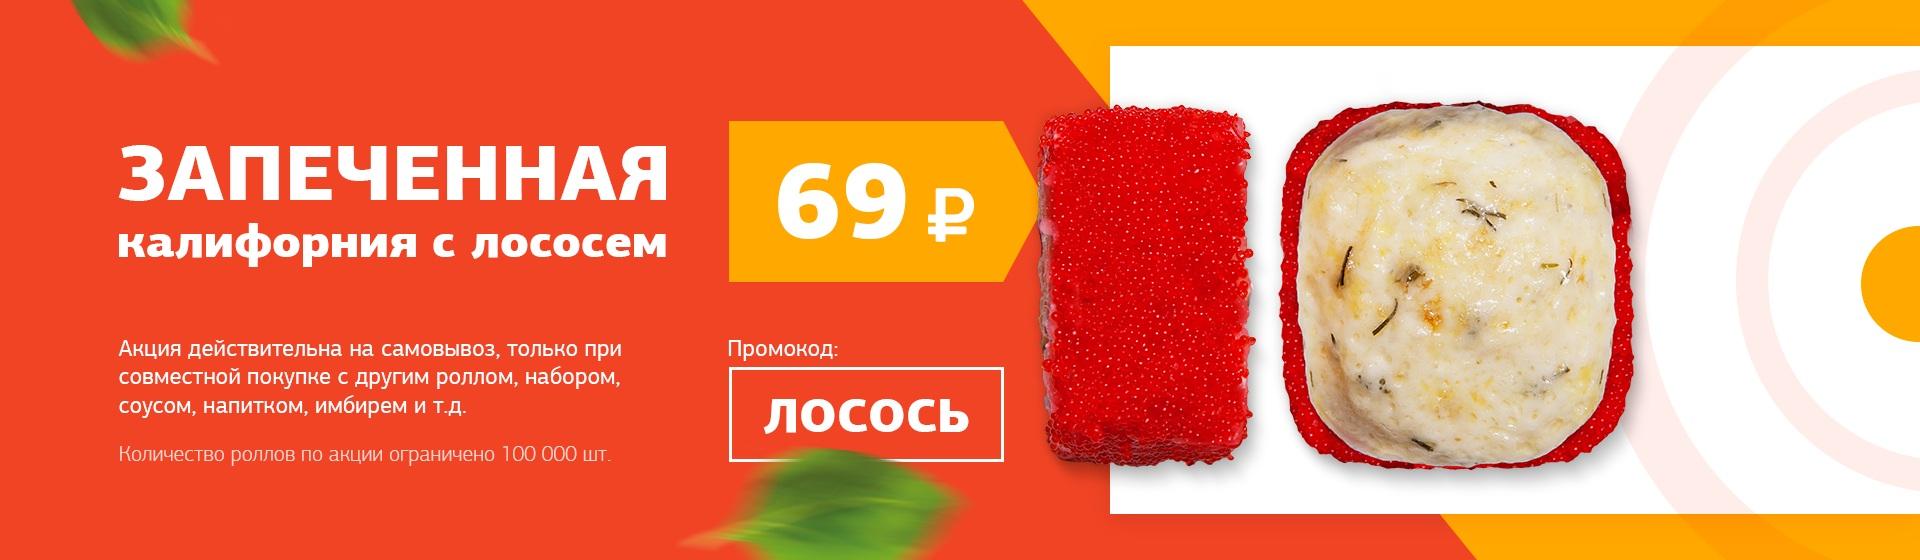 Ролл Запеченная Калифорния с лососем за 69 рублей